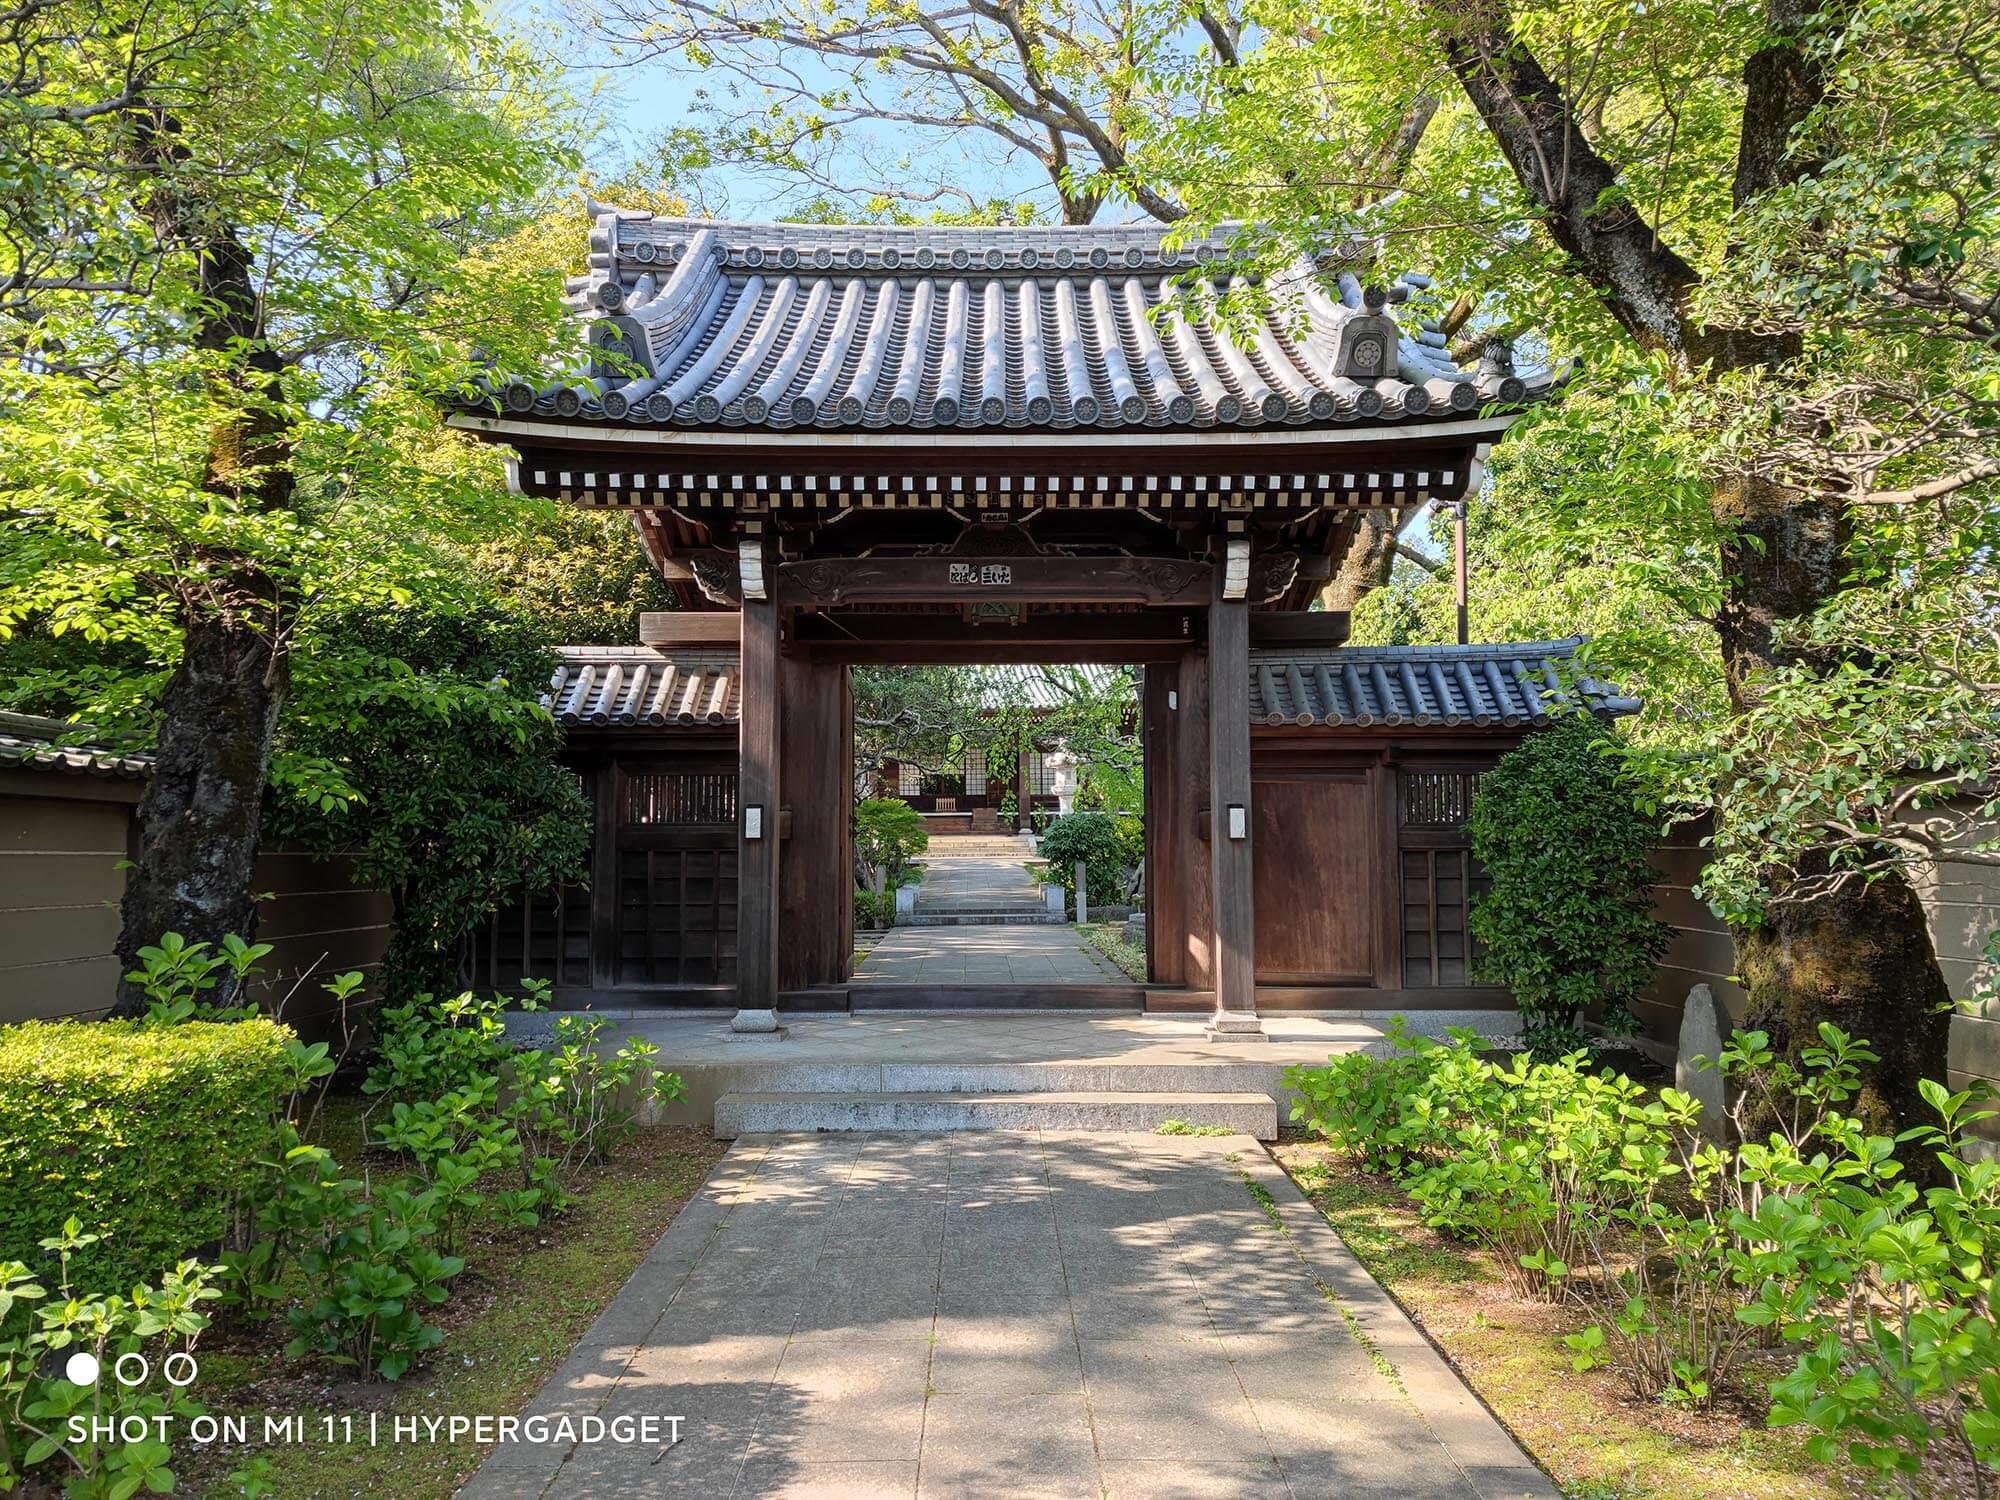 Mi 11で撮影したお寺の門の写真